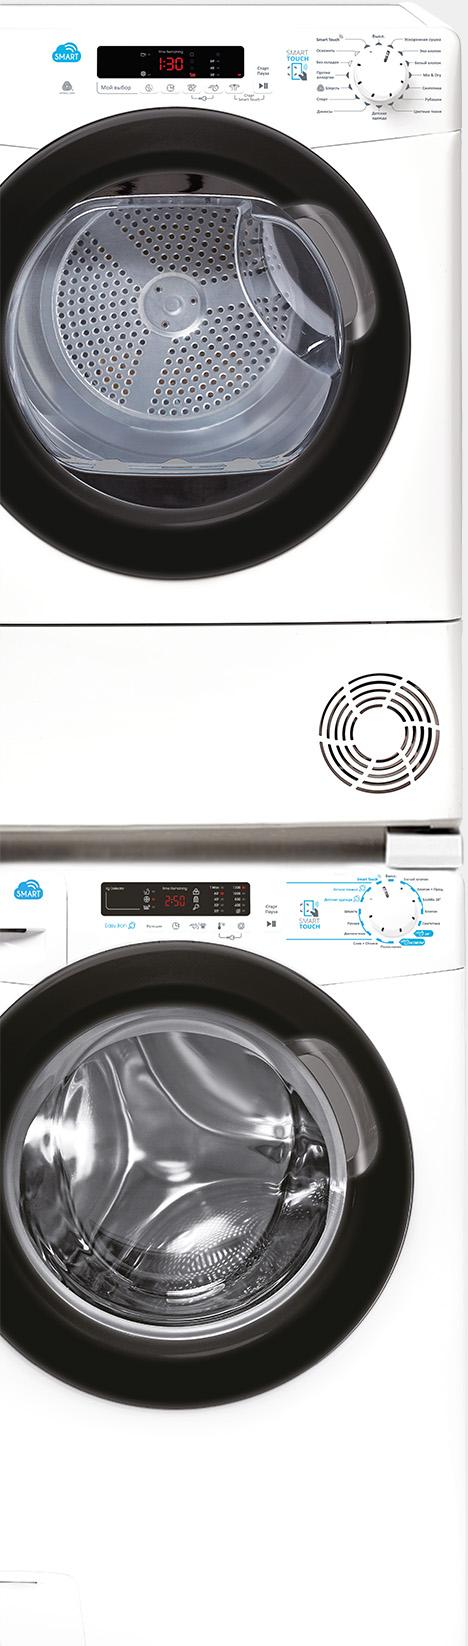 Особенности стиральных и сушильных машин Candy